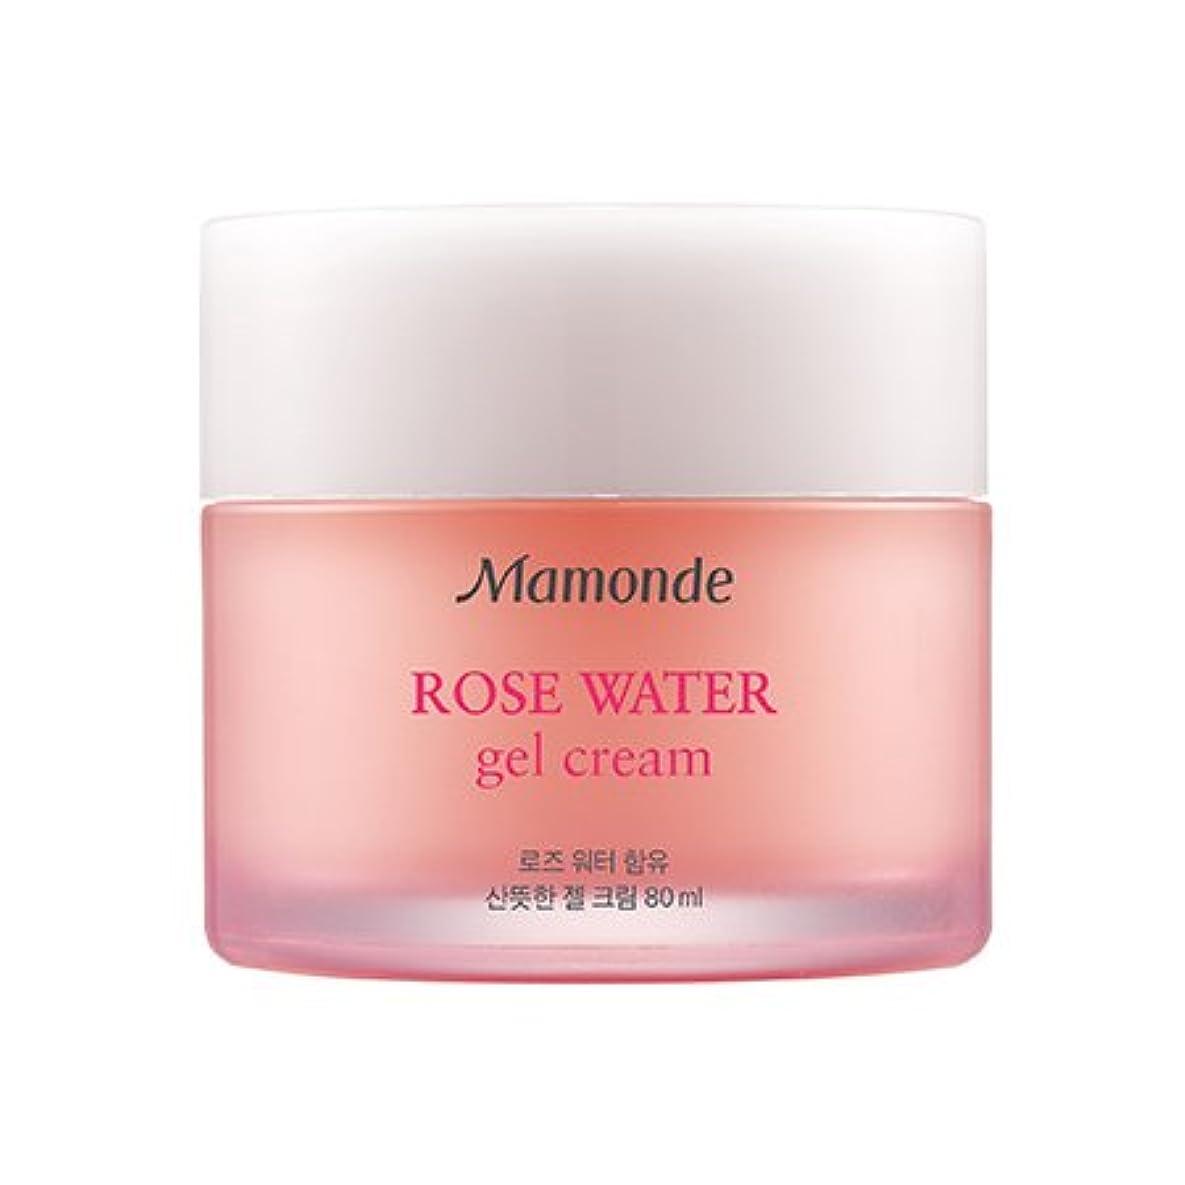 気分が良い影響力のある入口Mamonde Rose Water Gel Cream 80ml/マモンド ローズ ウォーター ジェル クリーム 80ml [並行輸入品]